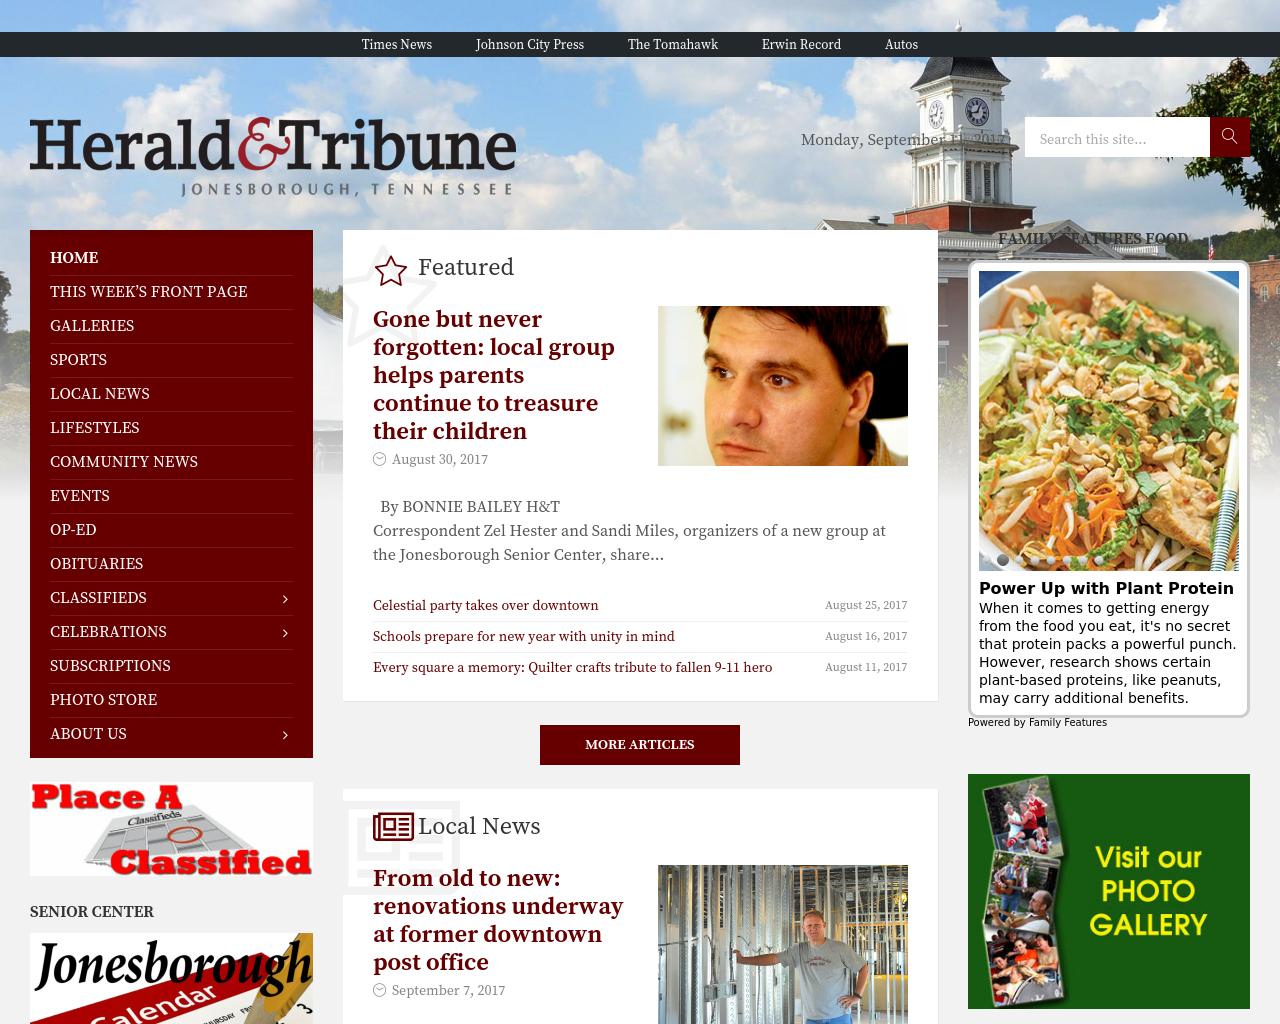 Herald-&-Tribune-Advertising-Reviews-Pricing